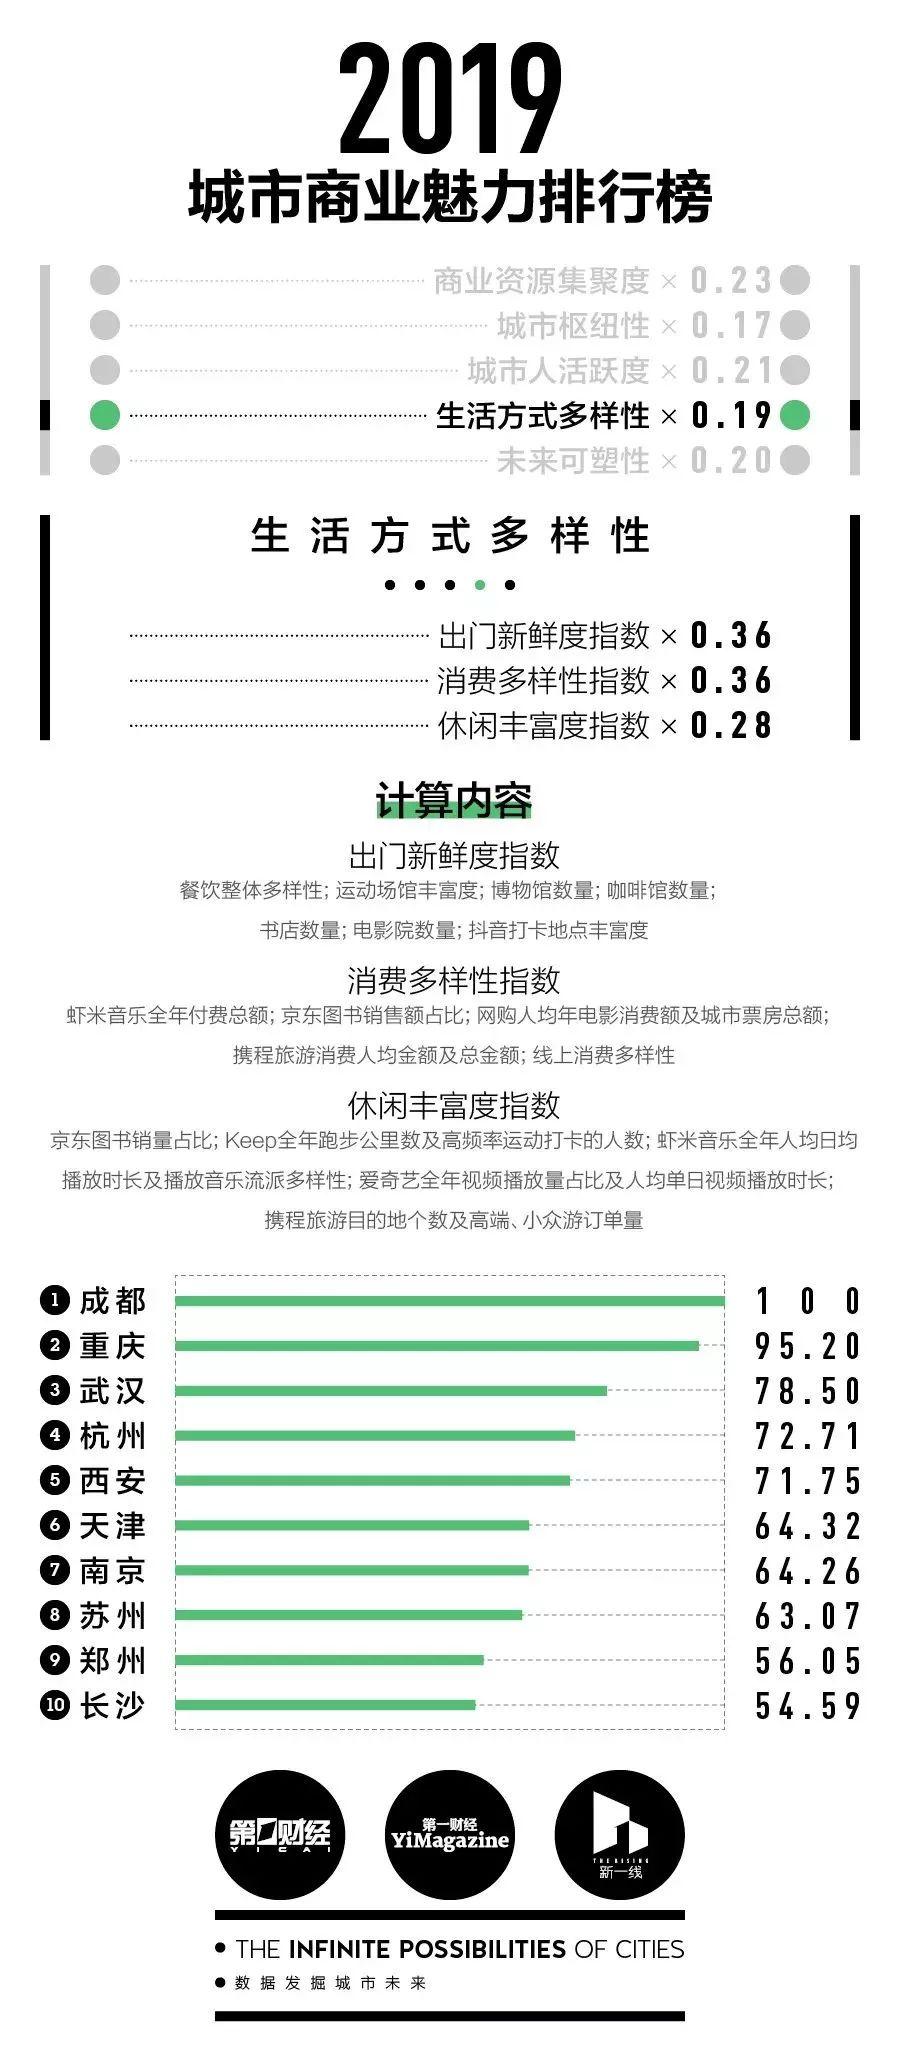 上海最新兼职日结工资_网上兼职教程_网赚小游戏